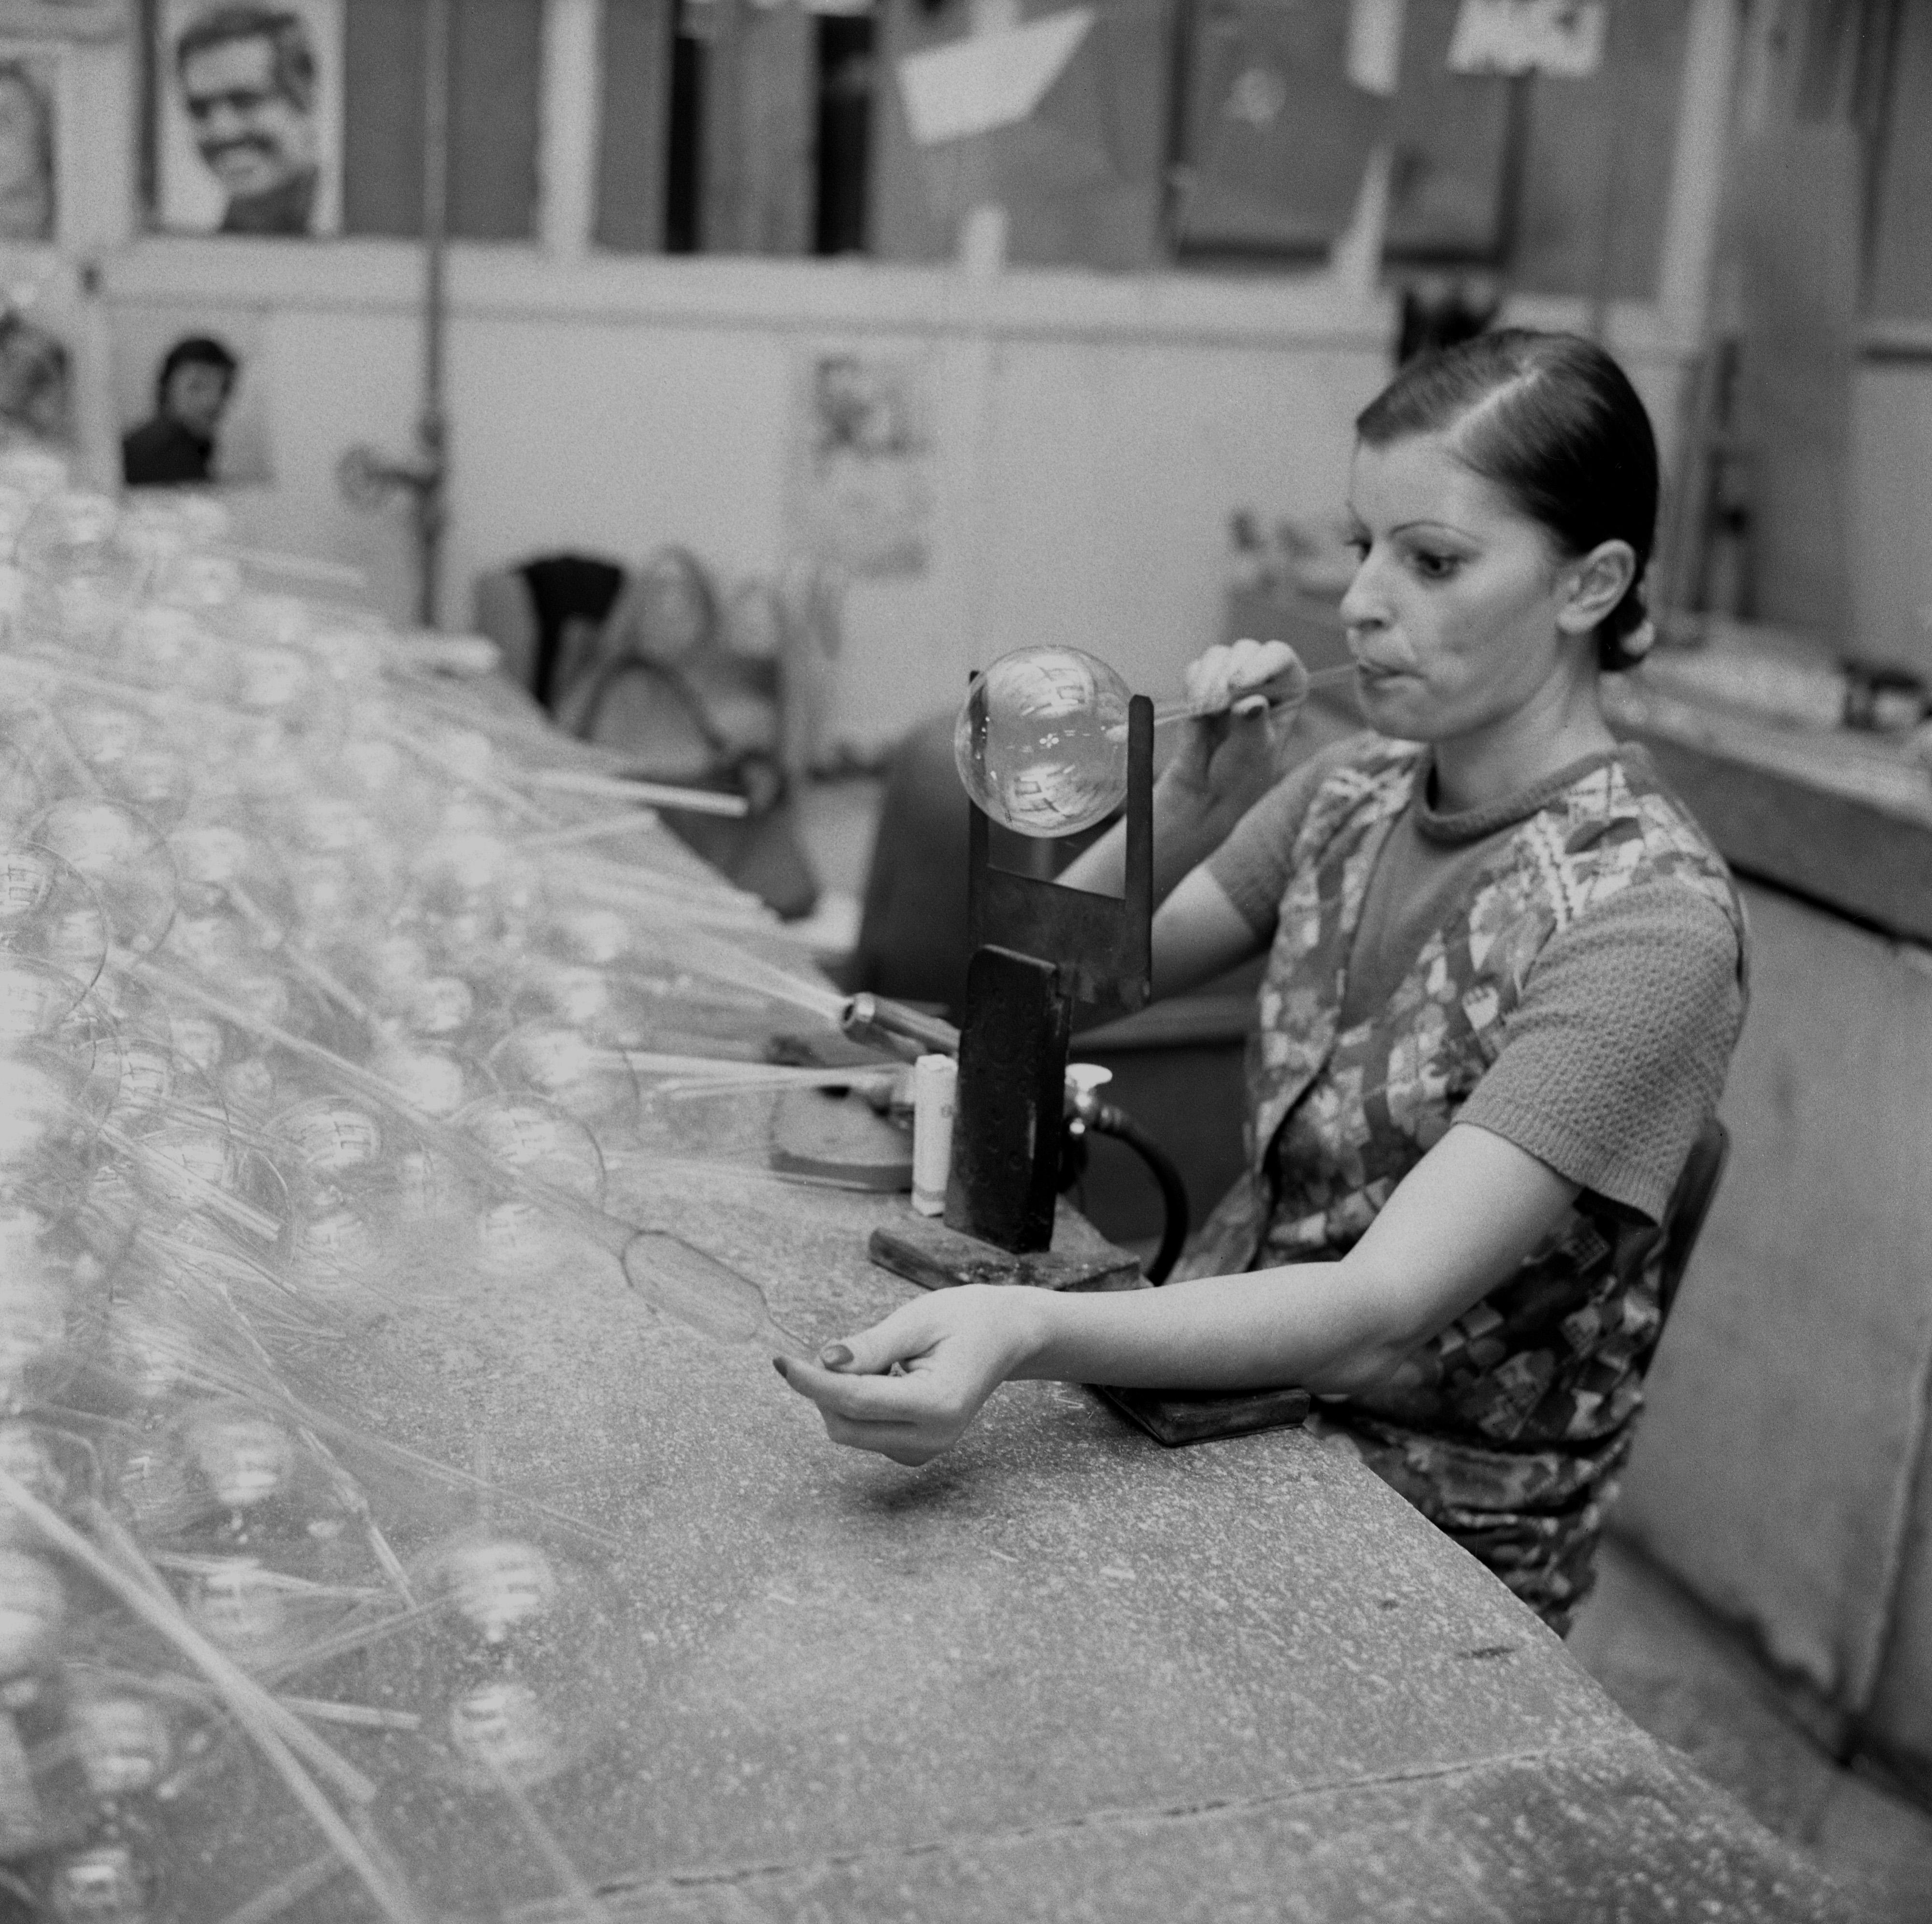 Na archívnej snímke z 28. novembra 1976 fúkačka Agneša Koštrnová, najvýkonnejšia pracovníčka Slovenských závodov technického skla v Bratislave.